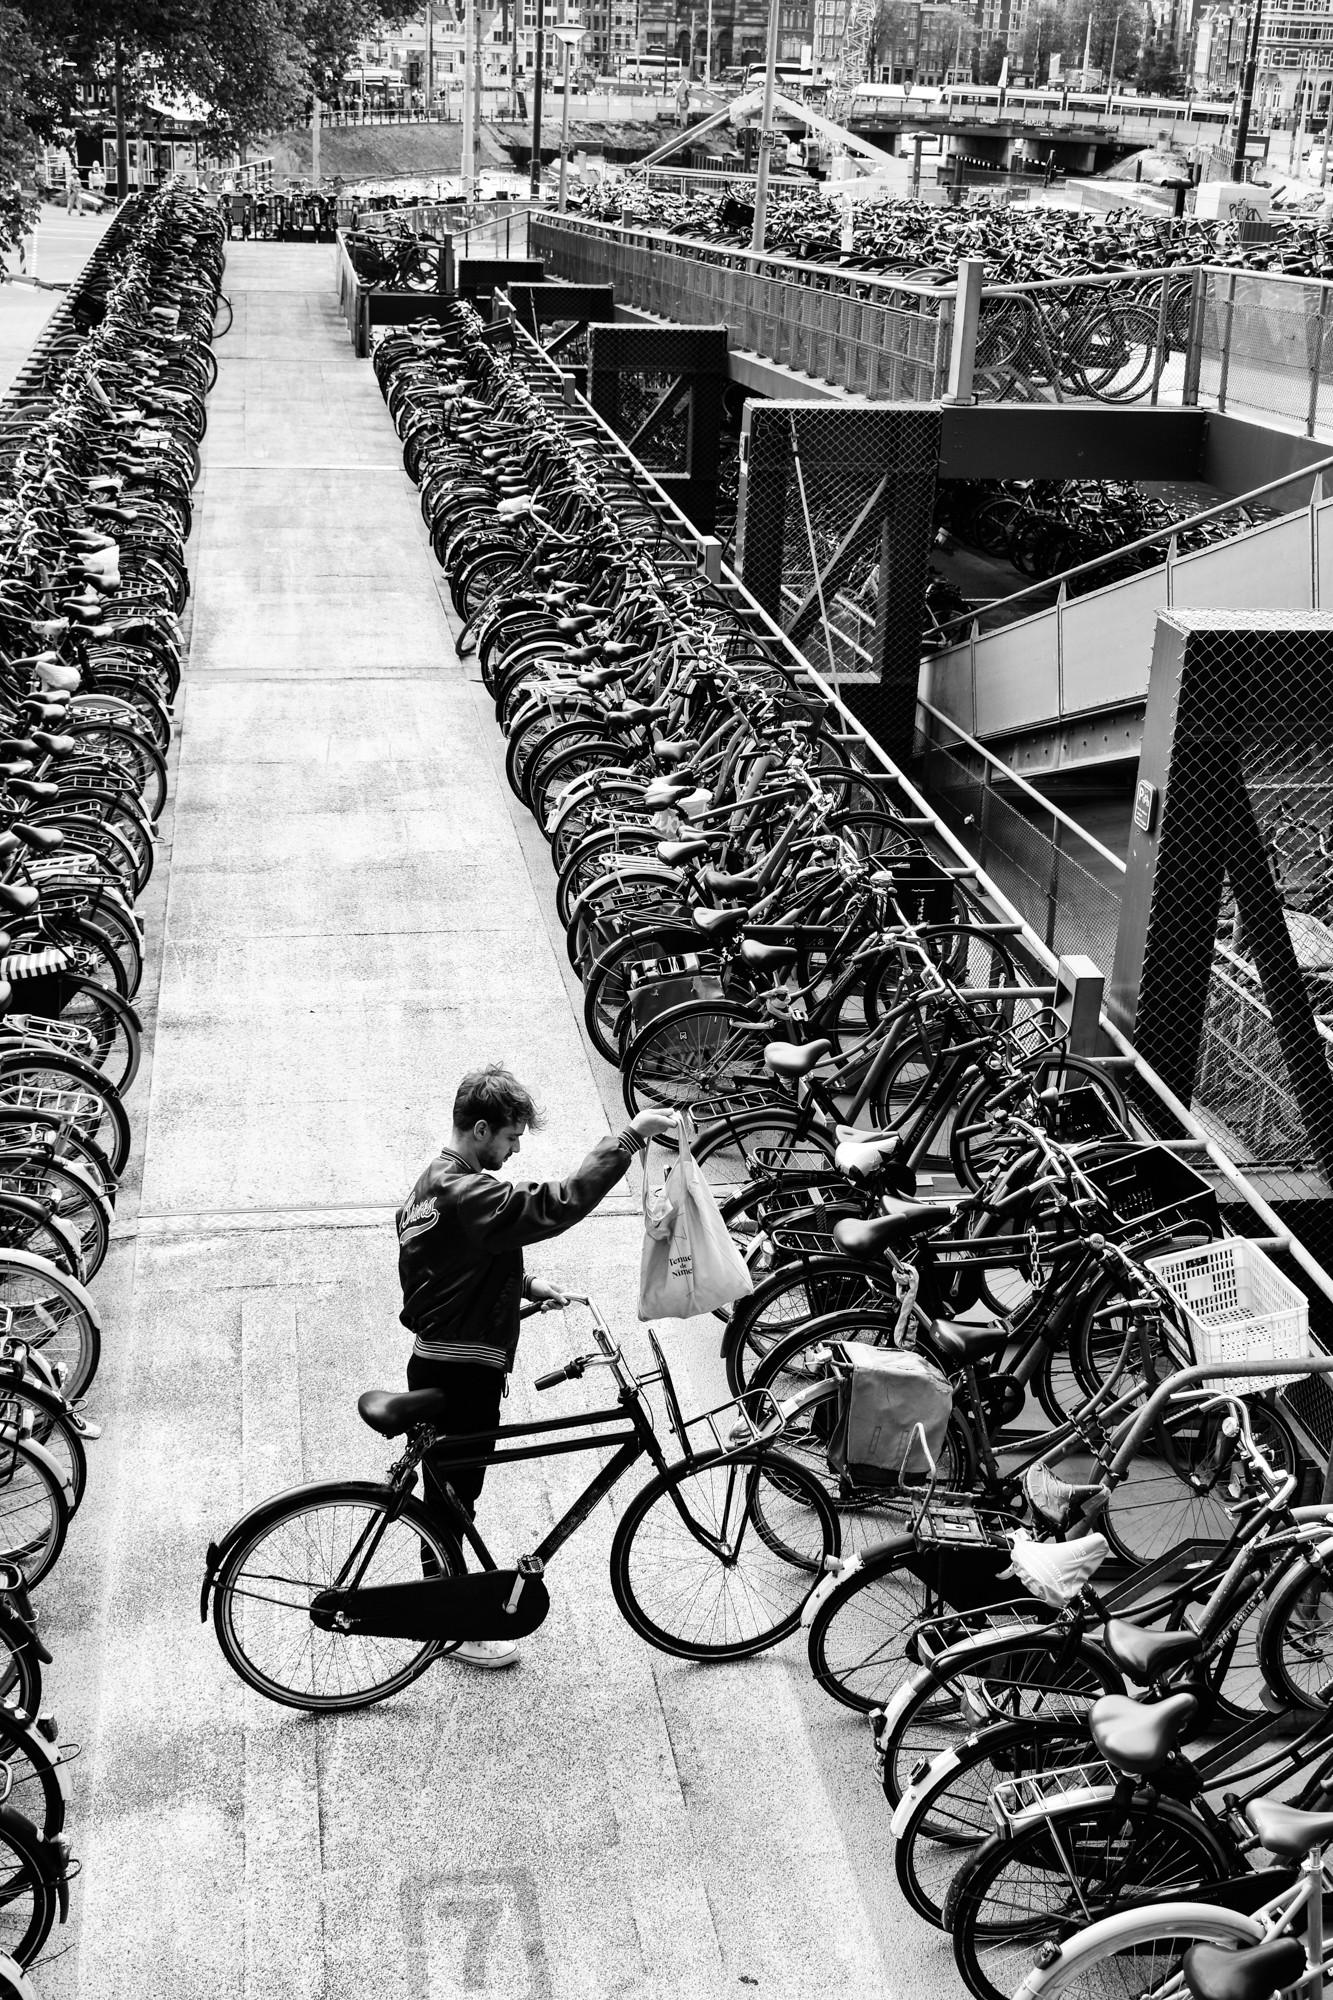 aparcamiento-de-bicicletas-estacion-central-de-amsterdam